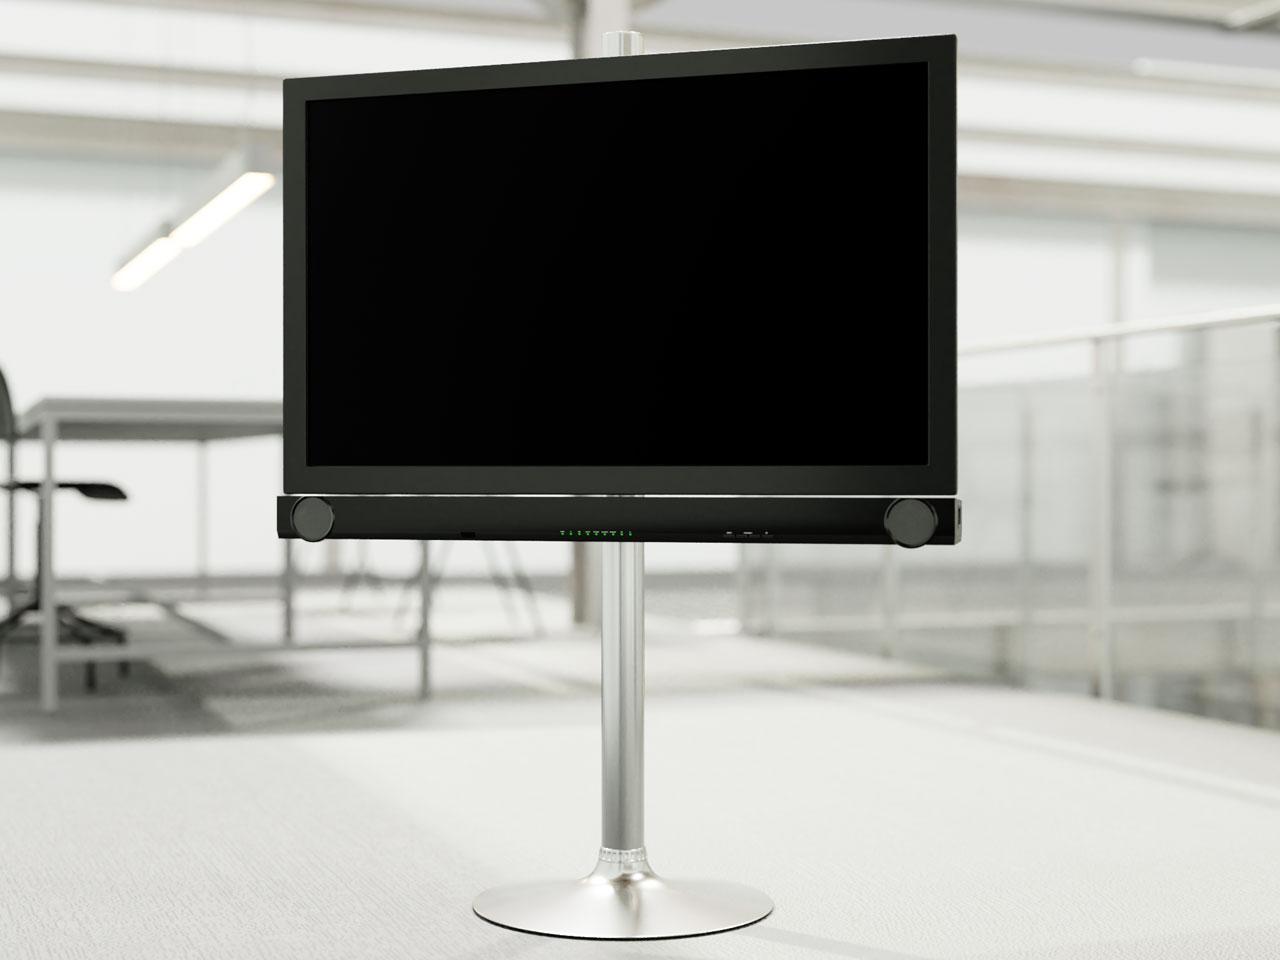 wissmann halterung soundbar centerspeaker g nstig kaufen cmb systeme. Black Bedroom Furniture Sets. Home Design Ideas